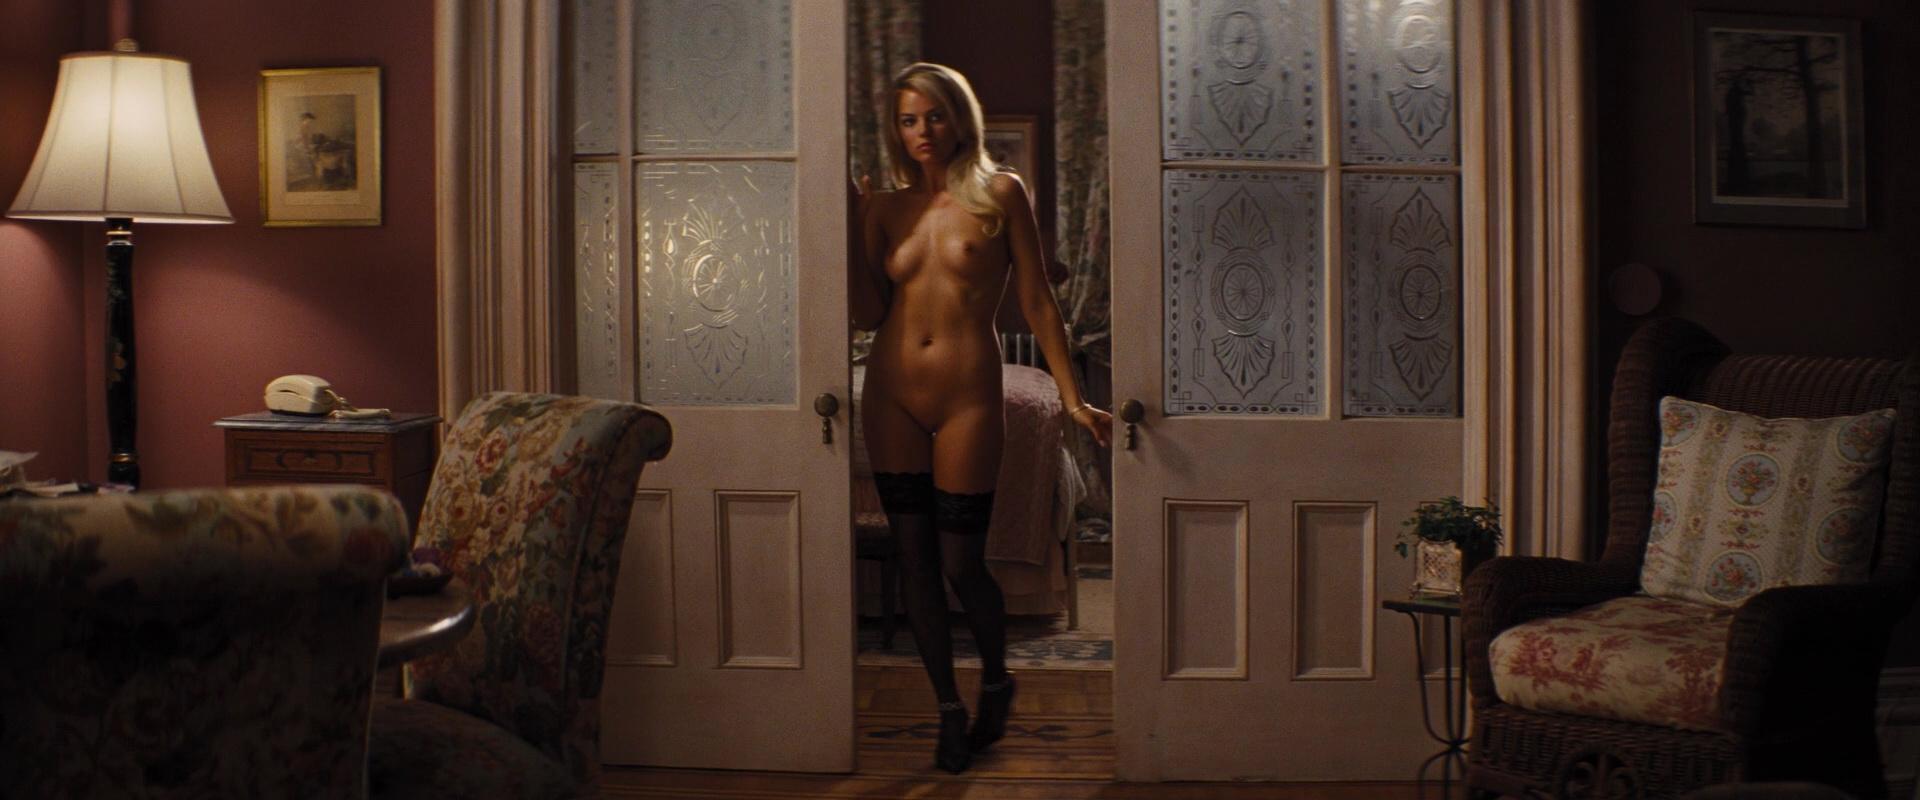 desnuda Margot Robbie